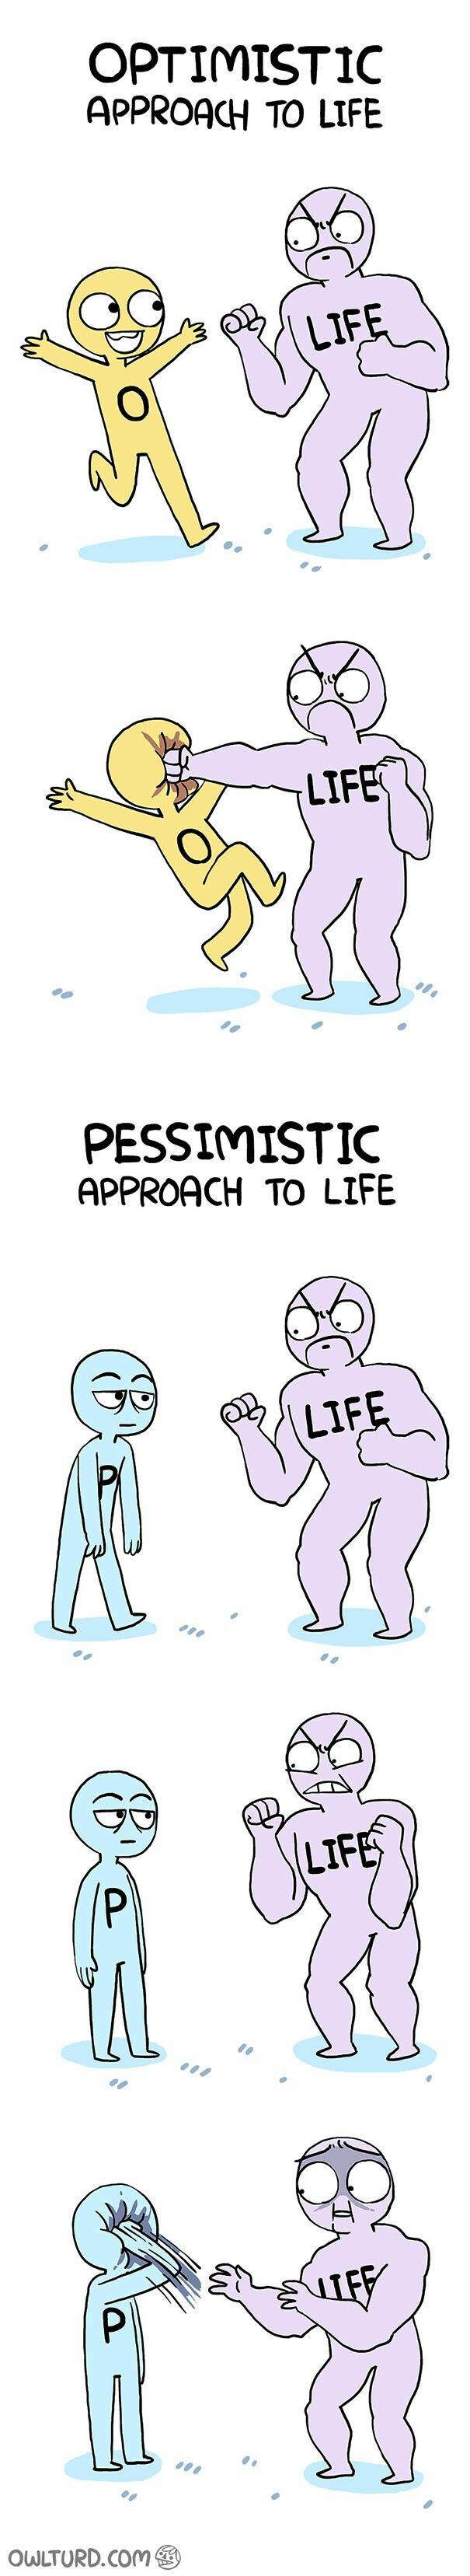 Optimism vs. Pessimism